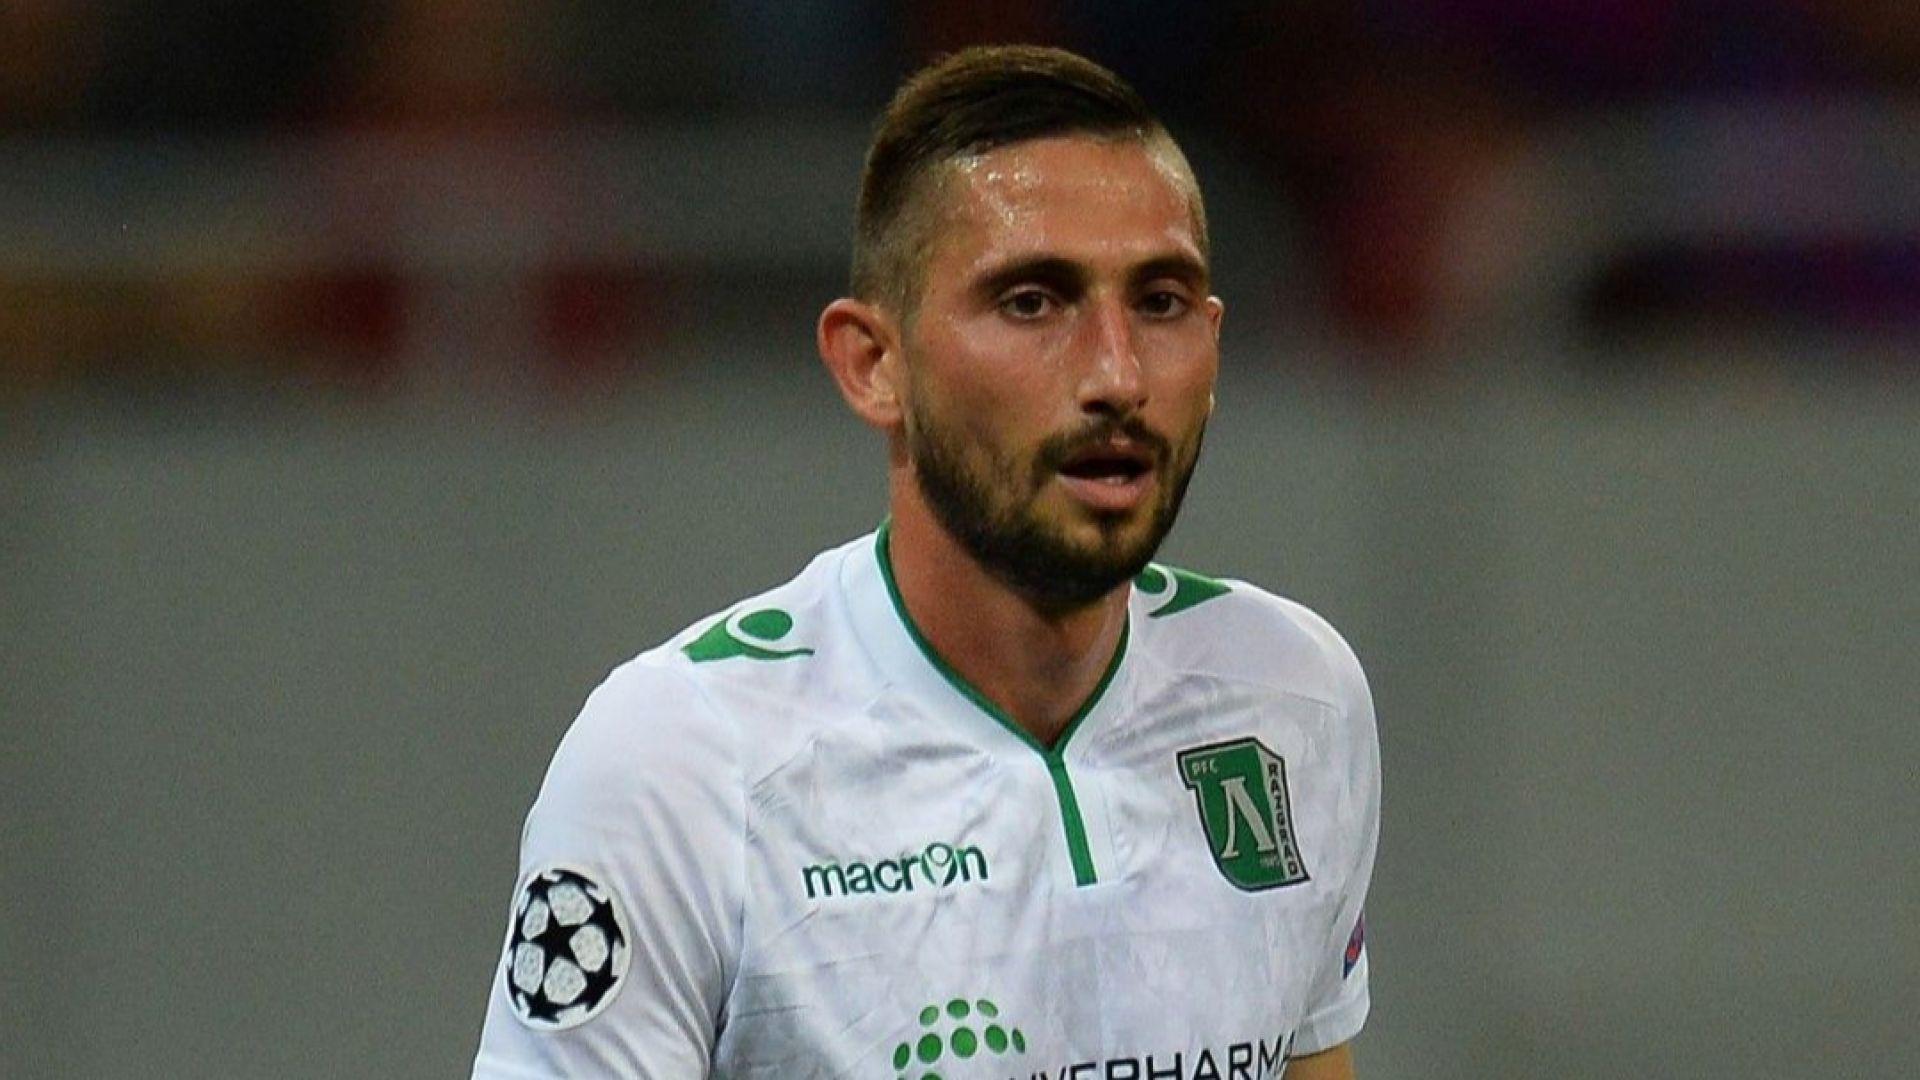 Българин подписва изненадващо с европейски шампион